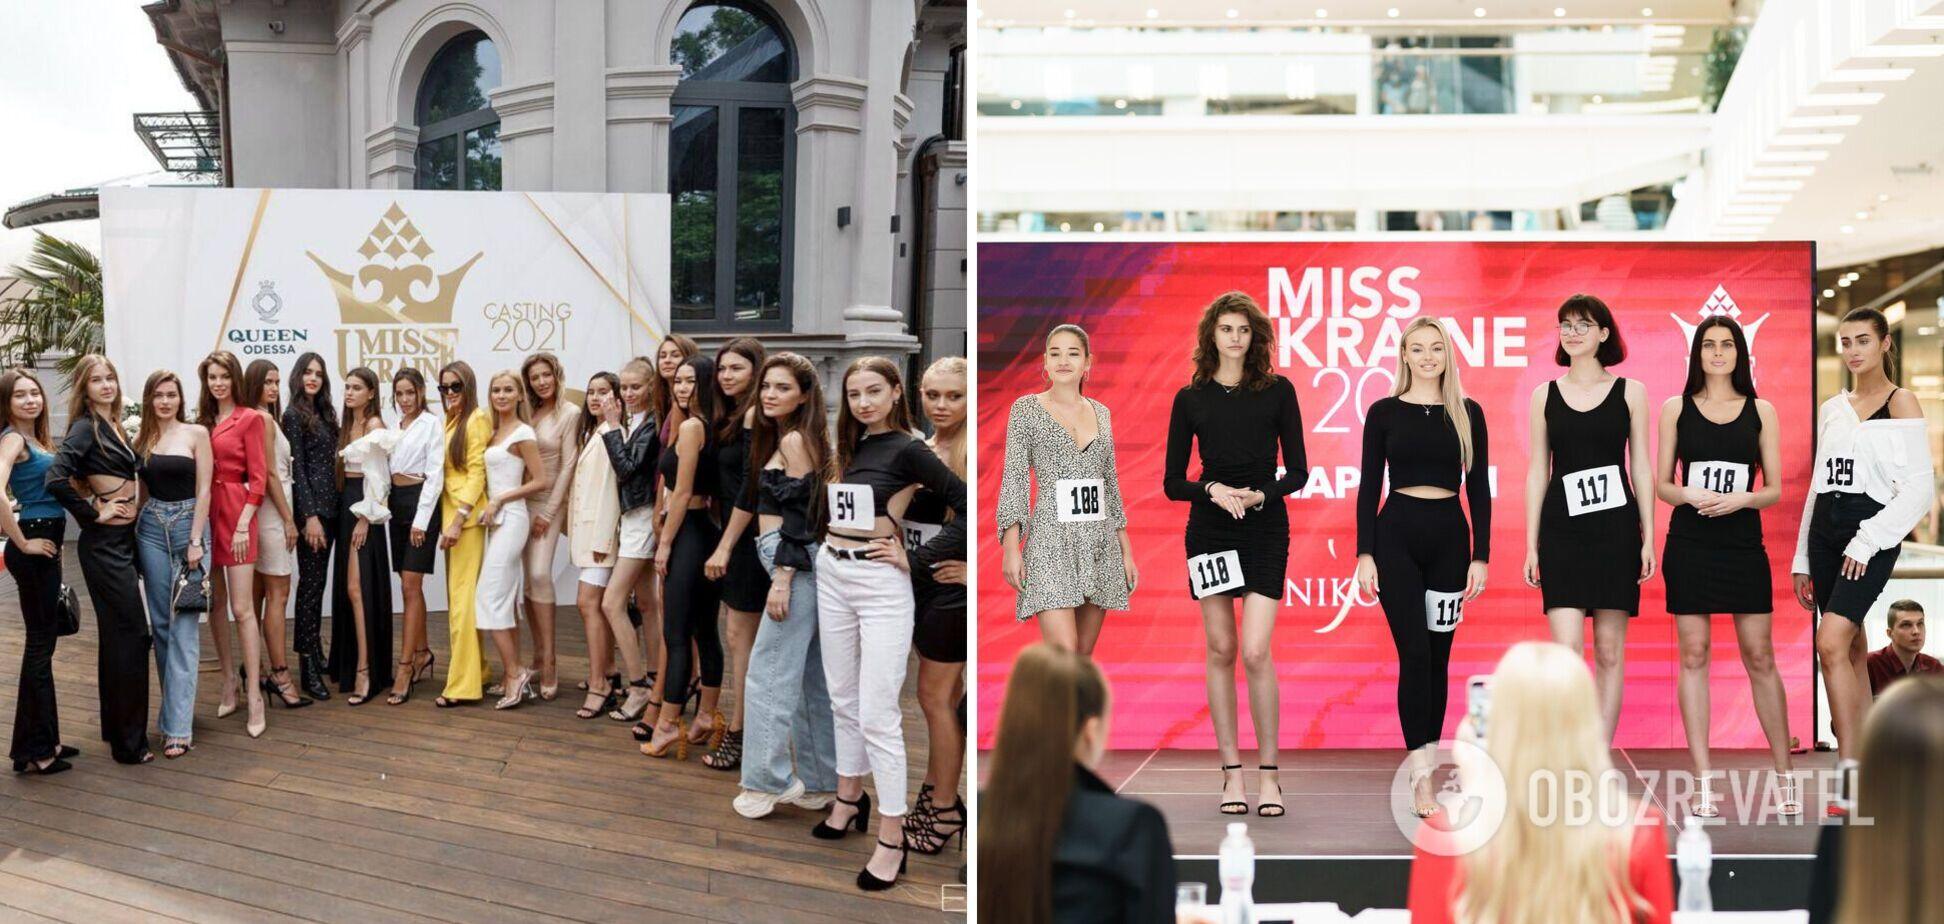 Пластика та ескорт ні до чого: на конкурсі 'Міс Україна' назвали головну проблему учасниць